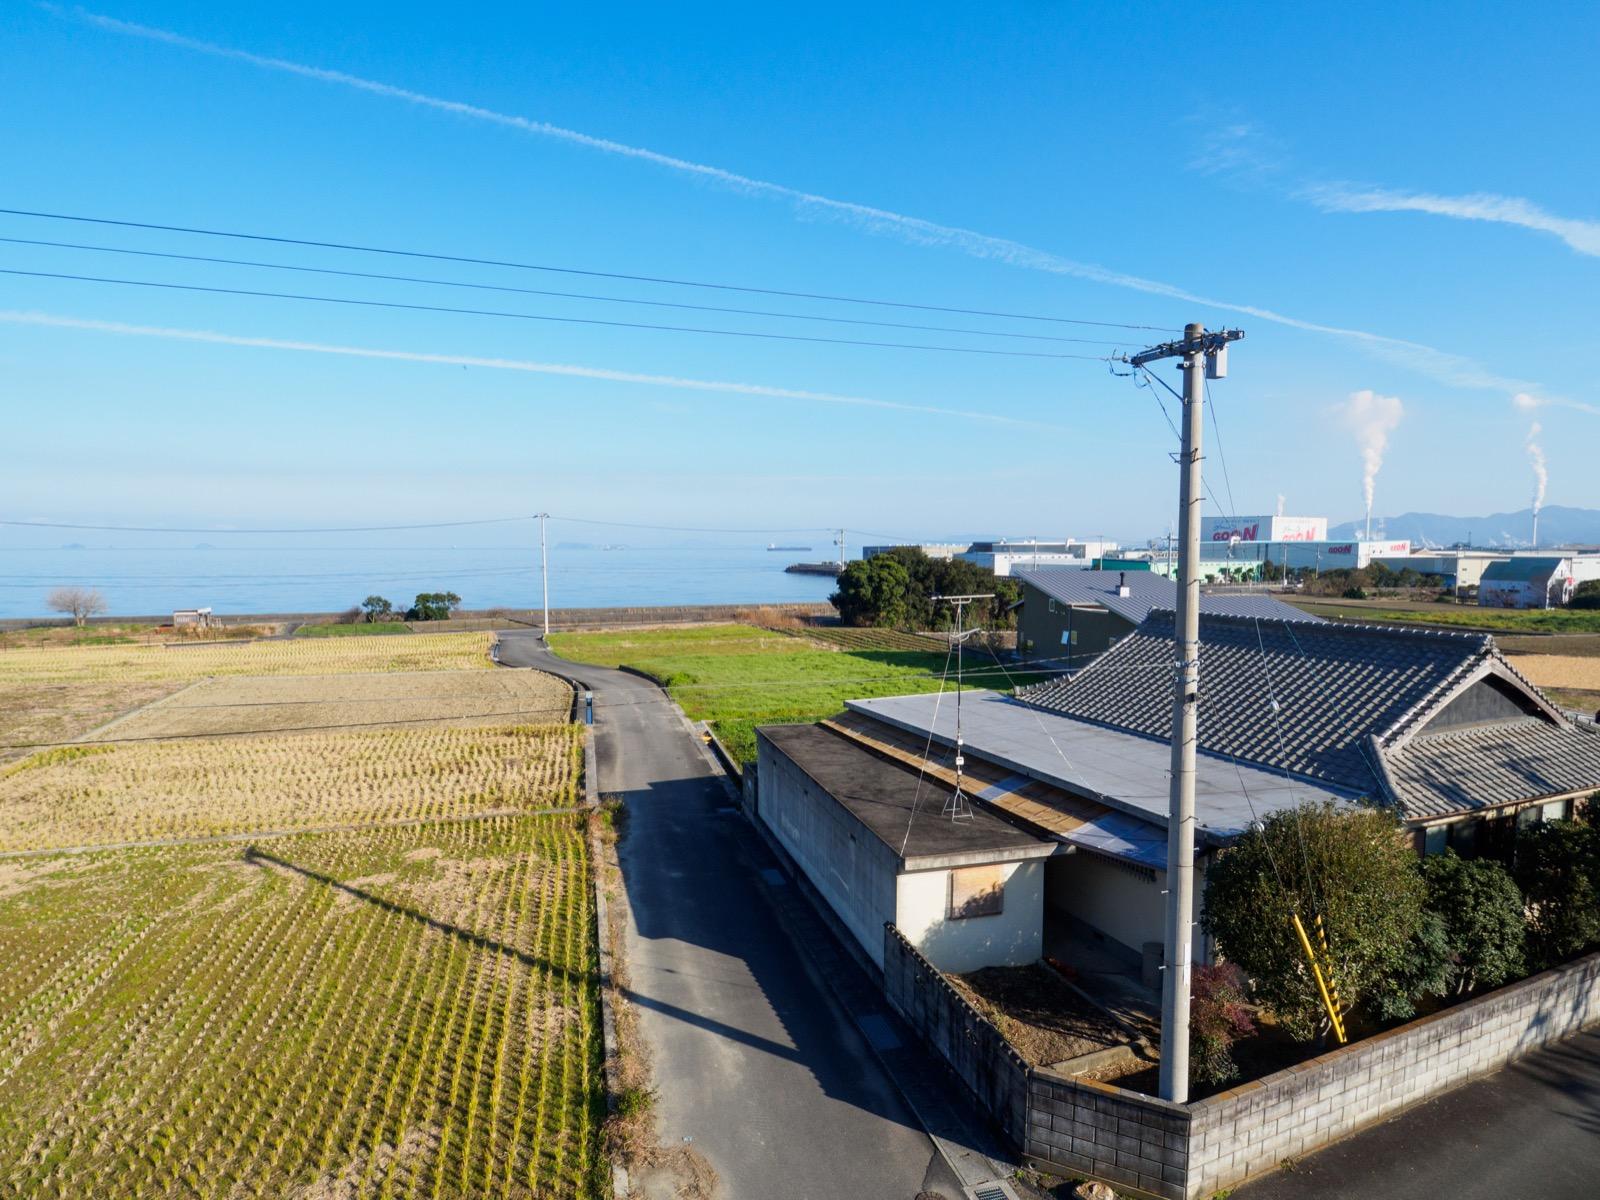 伊予寒川駅の跨線橋から見た燧灘と製紙工場群